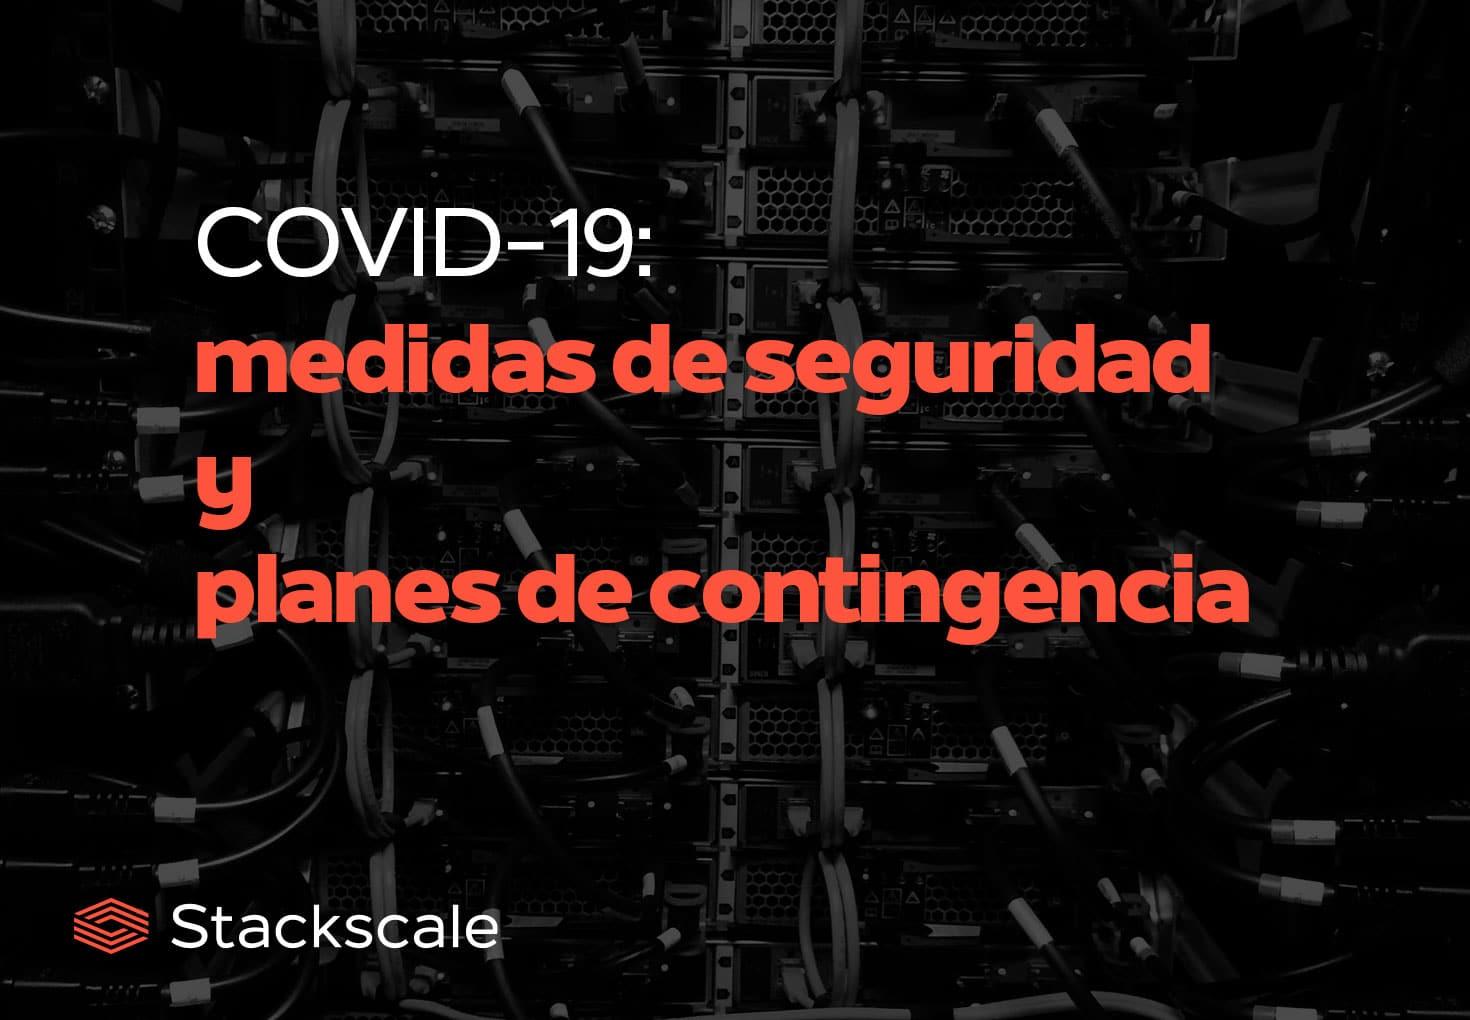 Planes de contingencia y medidas de seguridad de Stackscale durante la pandemia de COVID-19